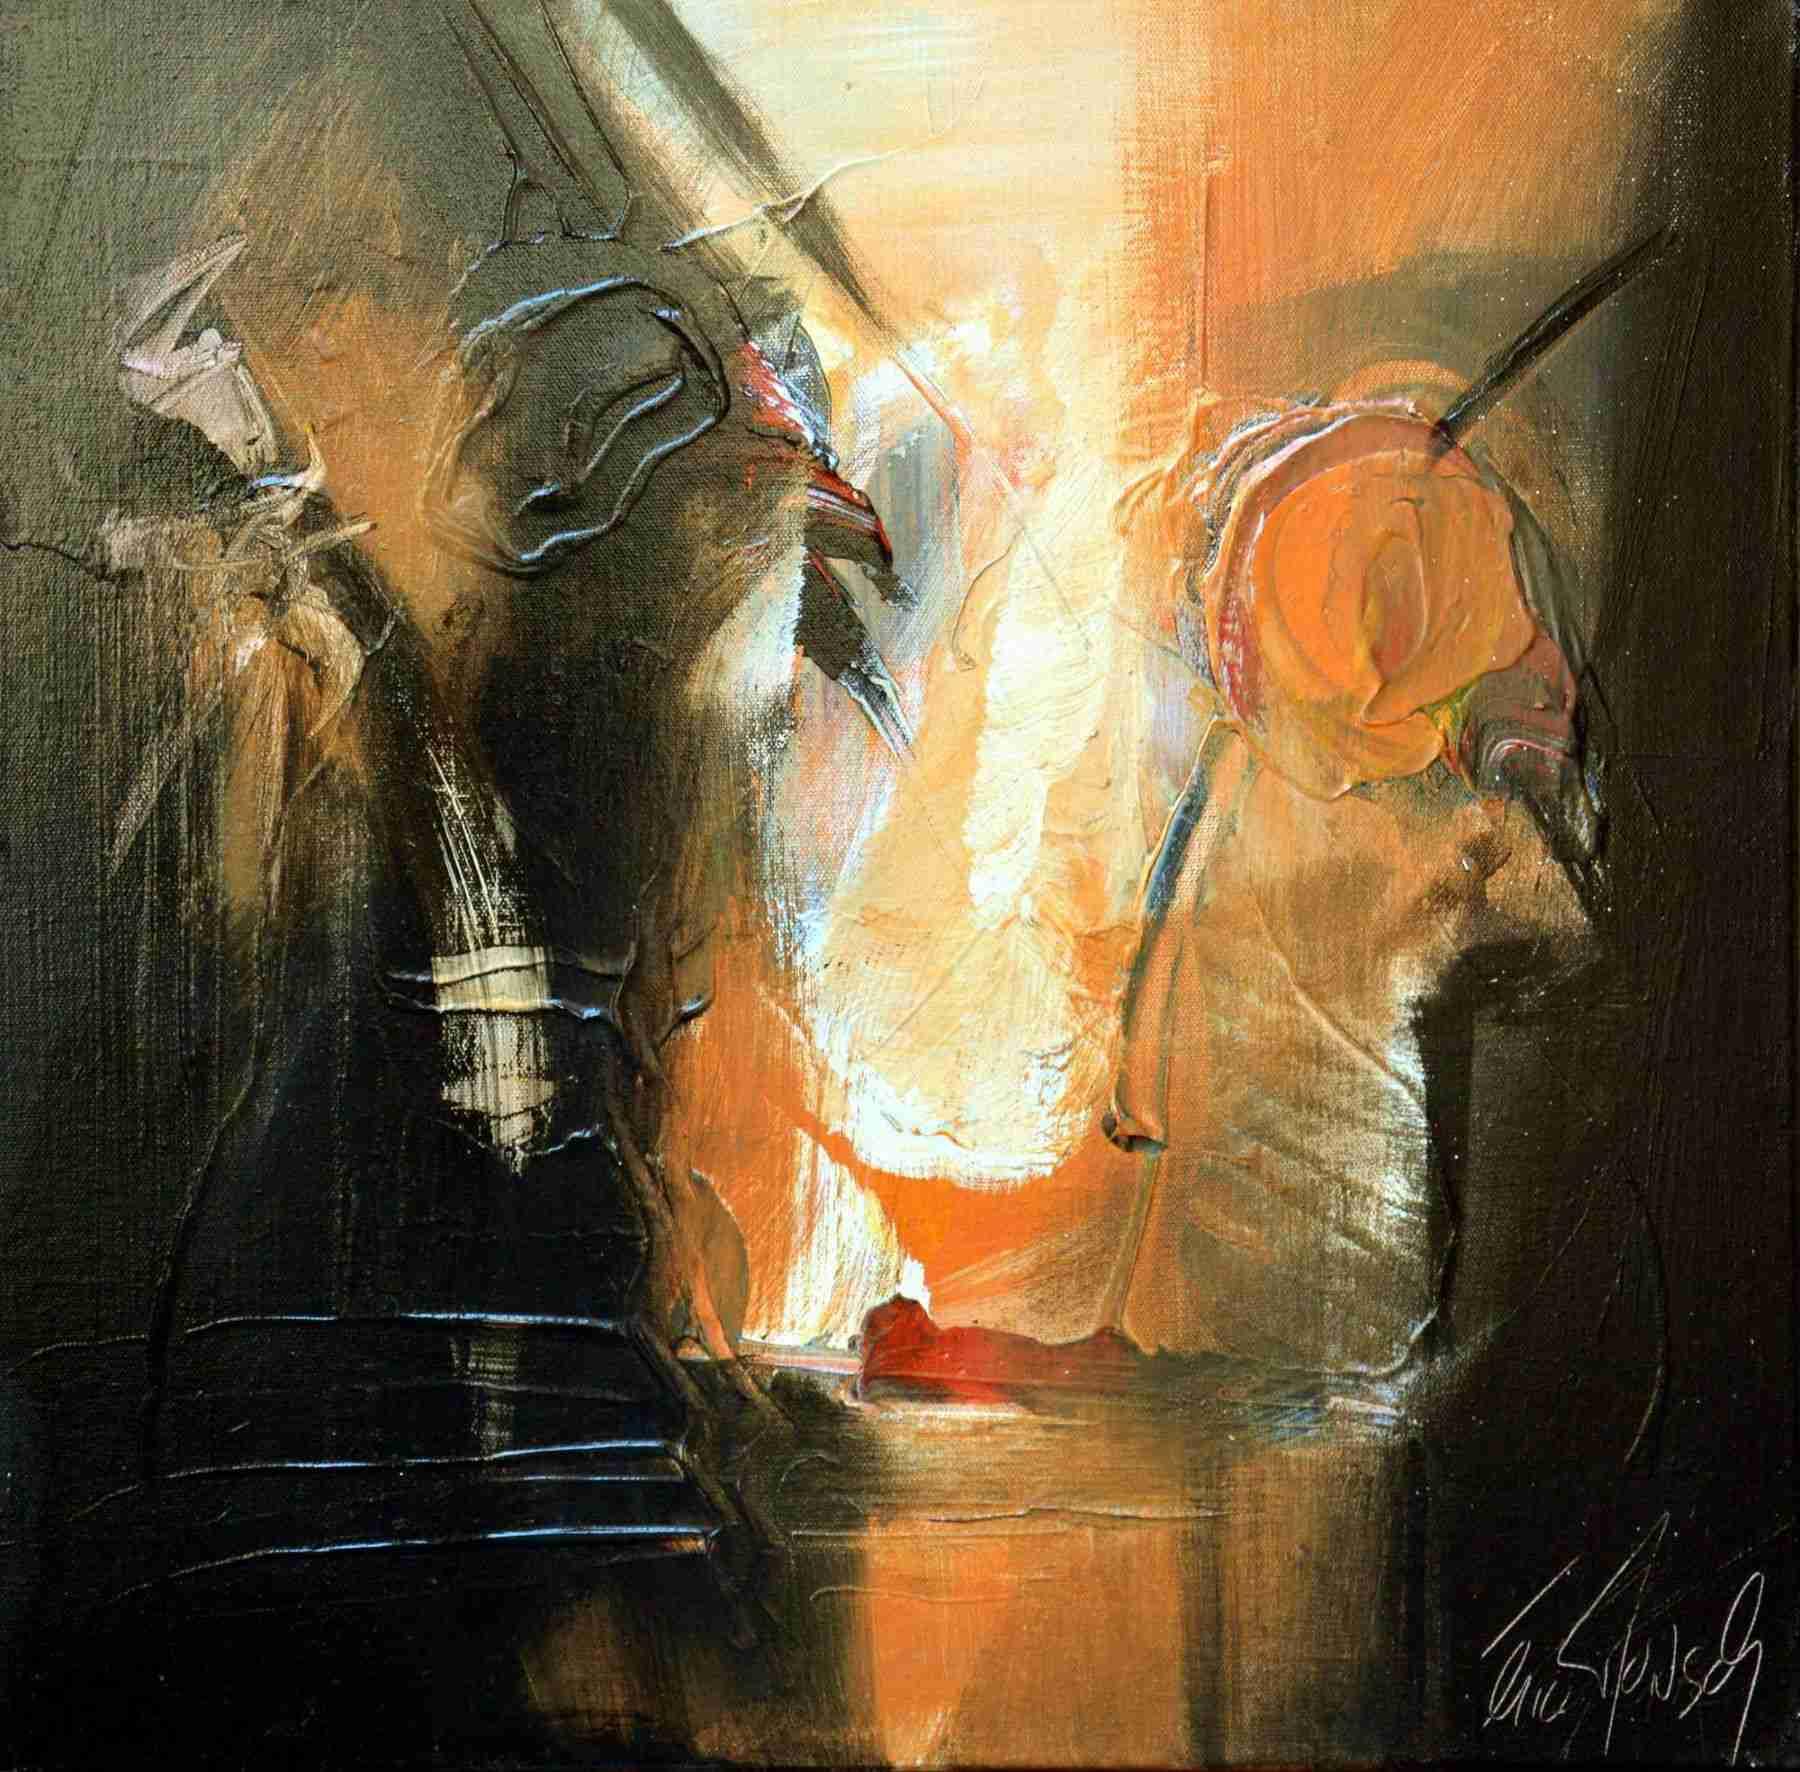 Le temps d'un regard - Eric Munsch - Acrylique sur toile - 50x50 cm - oeuvre vendue - Galerie Bost